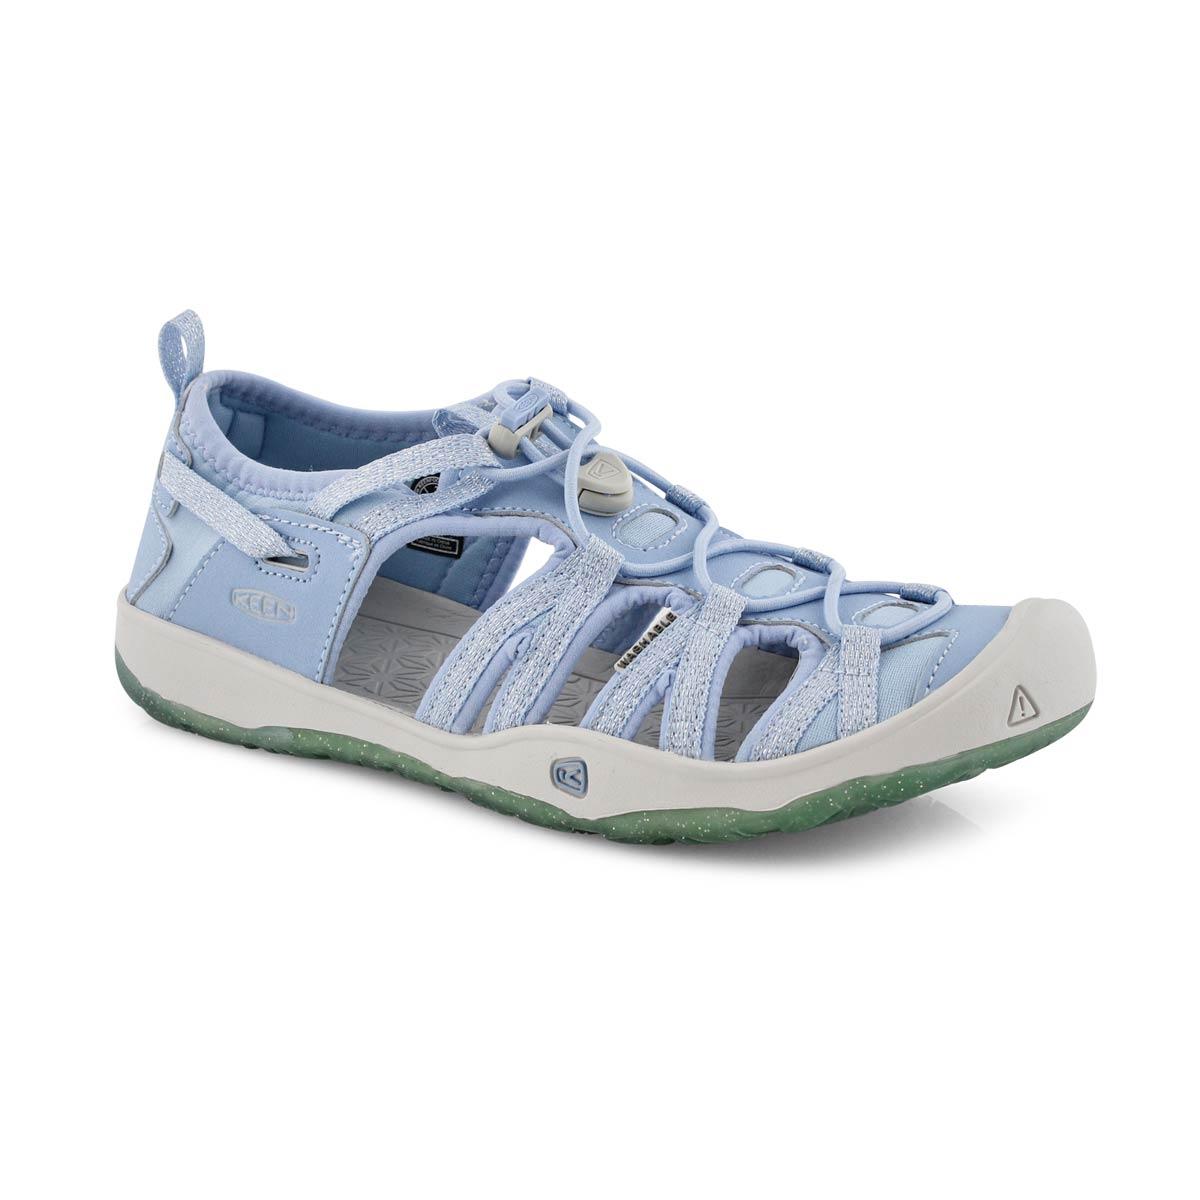 Sandale sport Moxie bleu poudré, fille